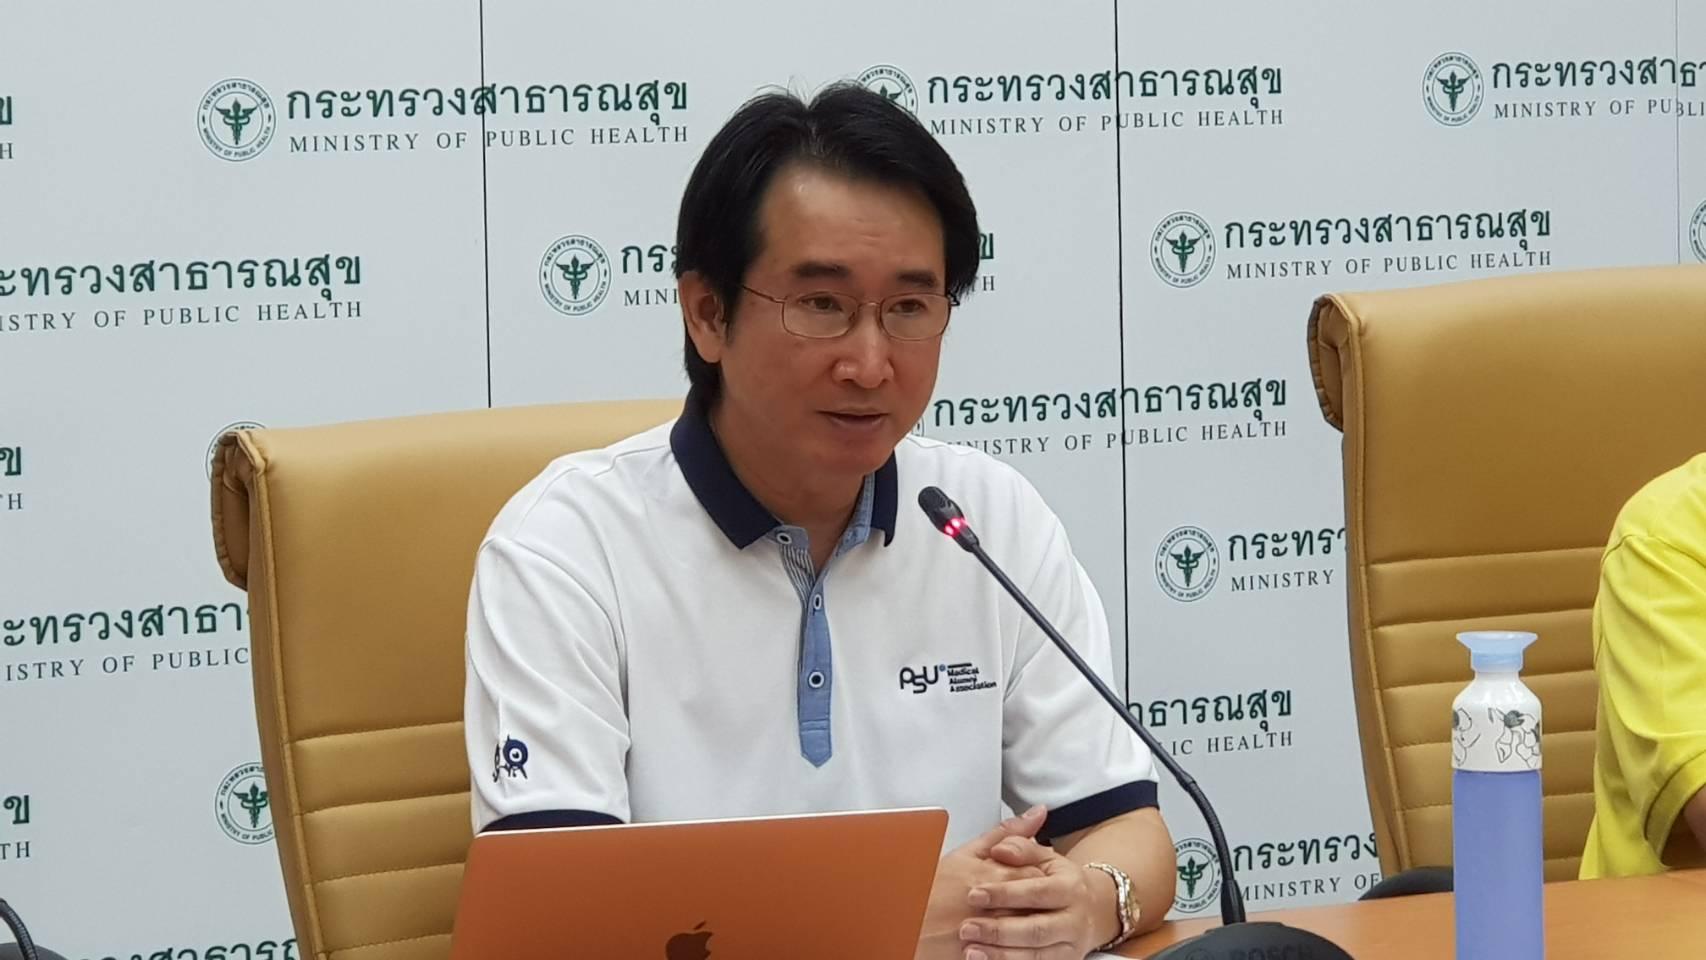 """ไทยรักษาโรควิด-19 หายรวม 15 ราย สั่งด่านเข้มเรือทุกลำเข้าประเทศ พบผู้โดยสาร """"เวสเตอร์ดัม"""" มาไทยเพิ่ม 35 ราย"""